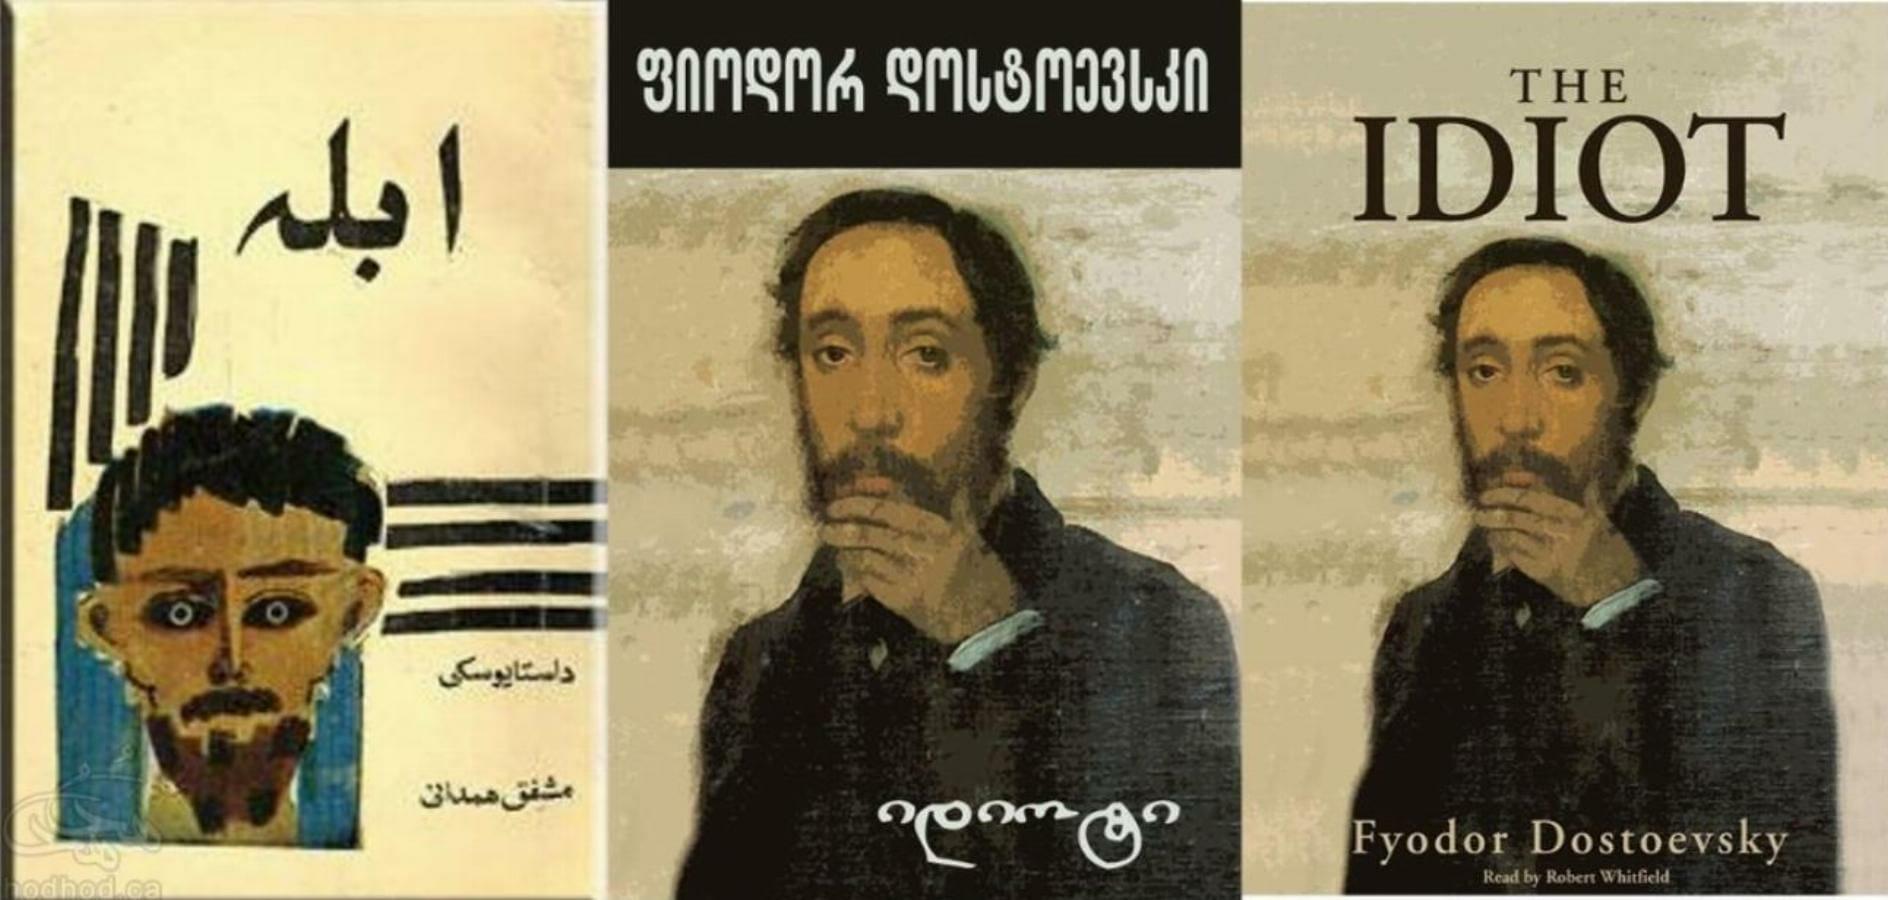 کتاب هفته: یکی از معروفترین رمانهای داستایوفسکی به نام ابله